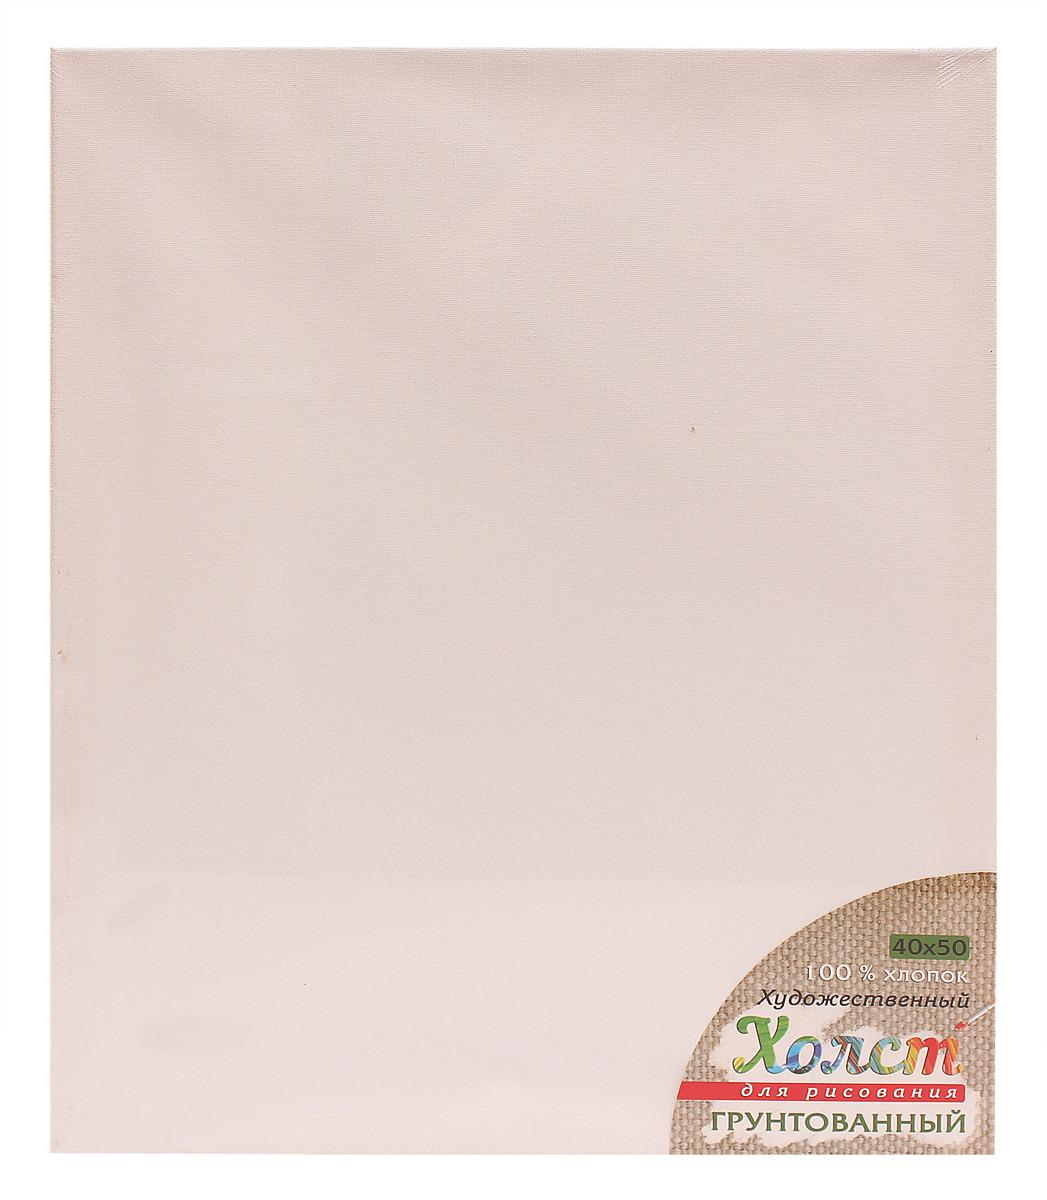 Рыжий Кот Холст для рисования на подрамнике 40 х 50 см